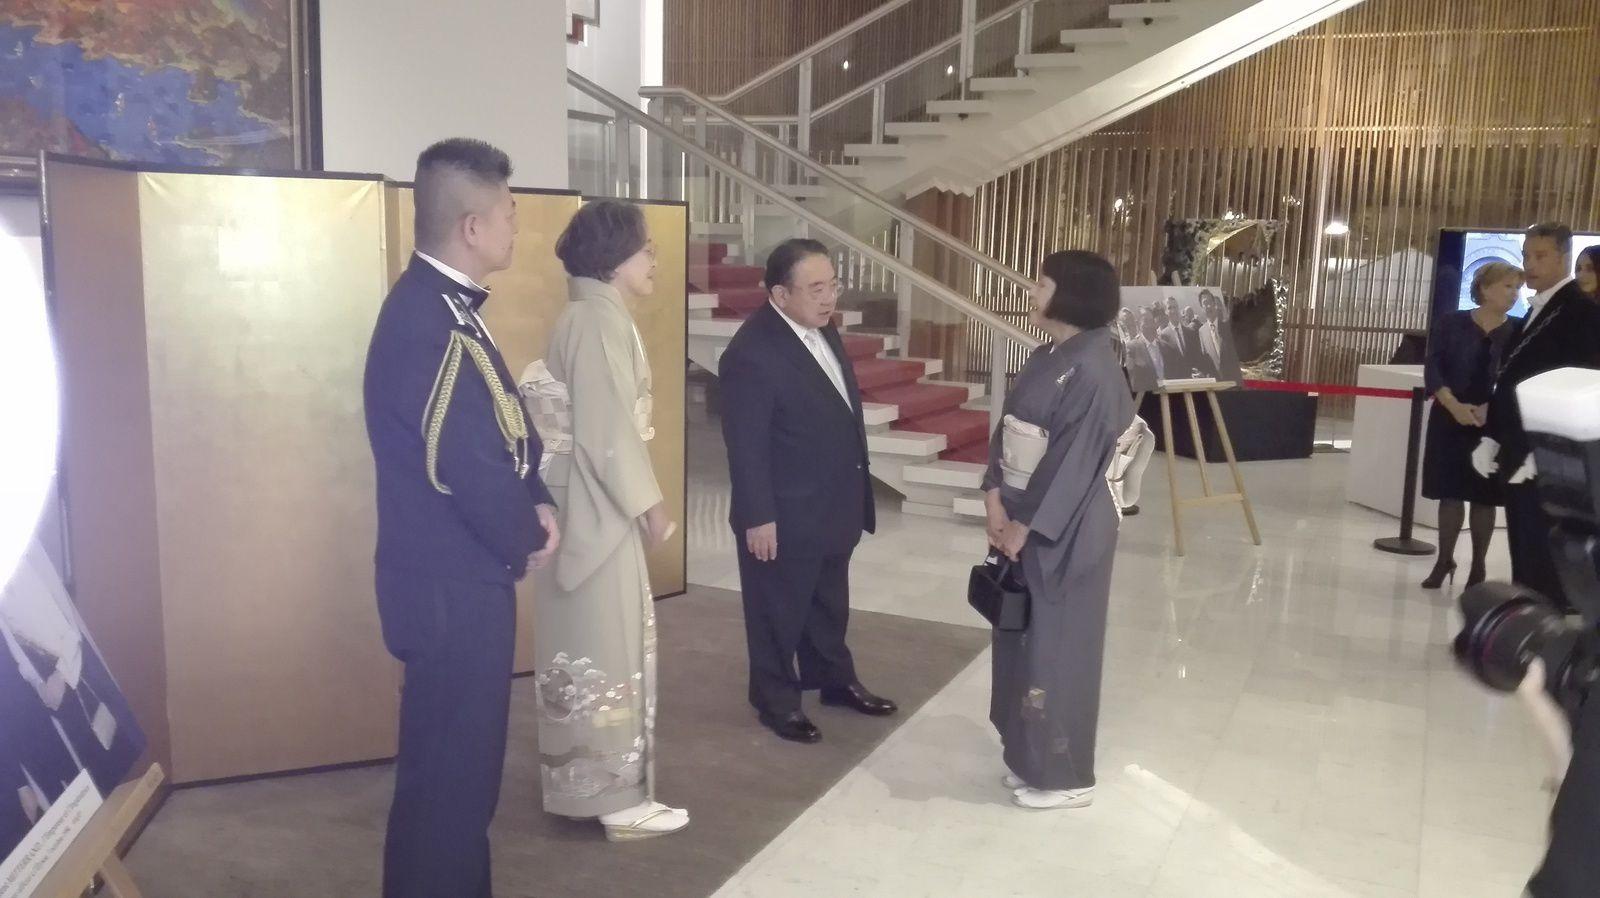 RELATIONS DIPLOMATIQUES ET INTERNATIONALES : JAPON ET BELGIQUE